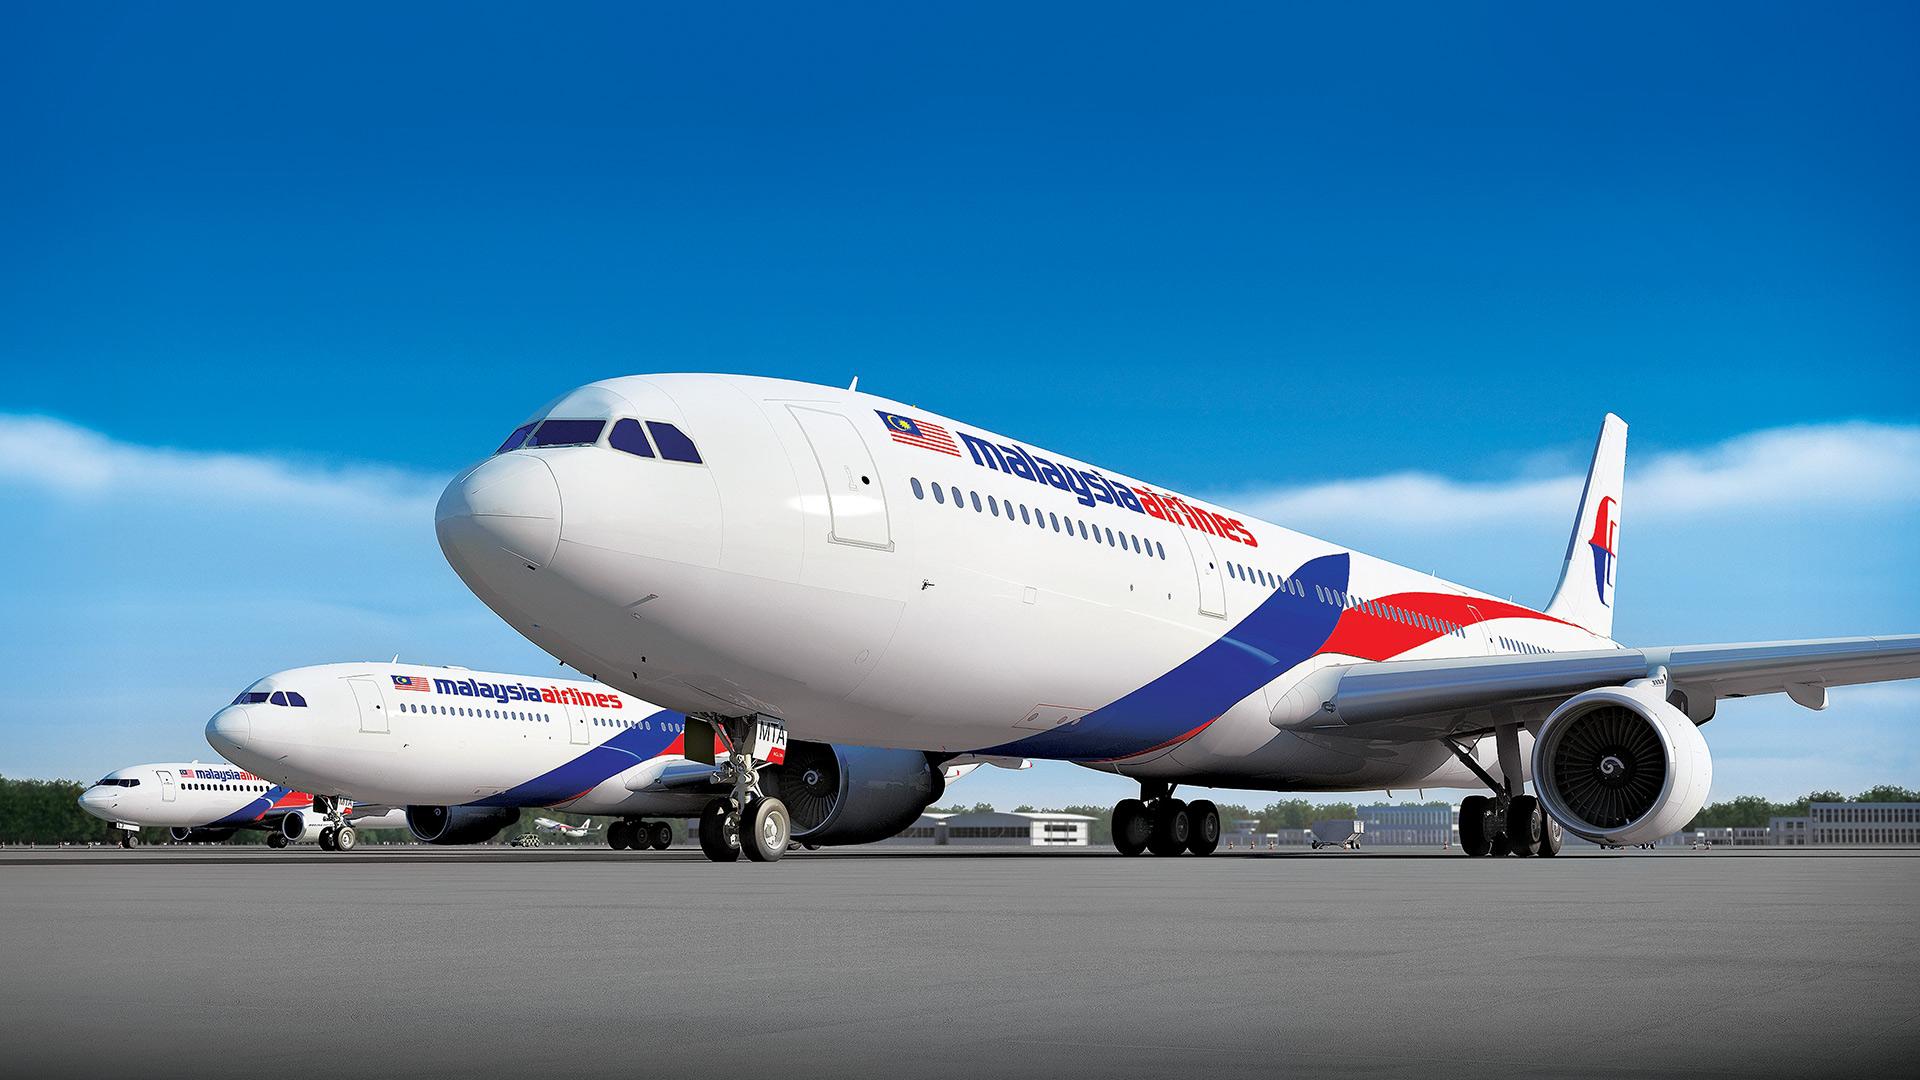 マレーシア航空 エアバス350